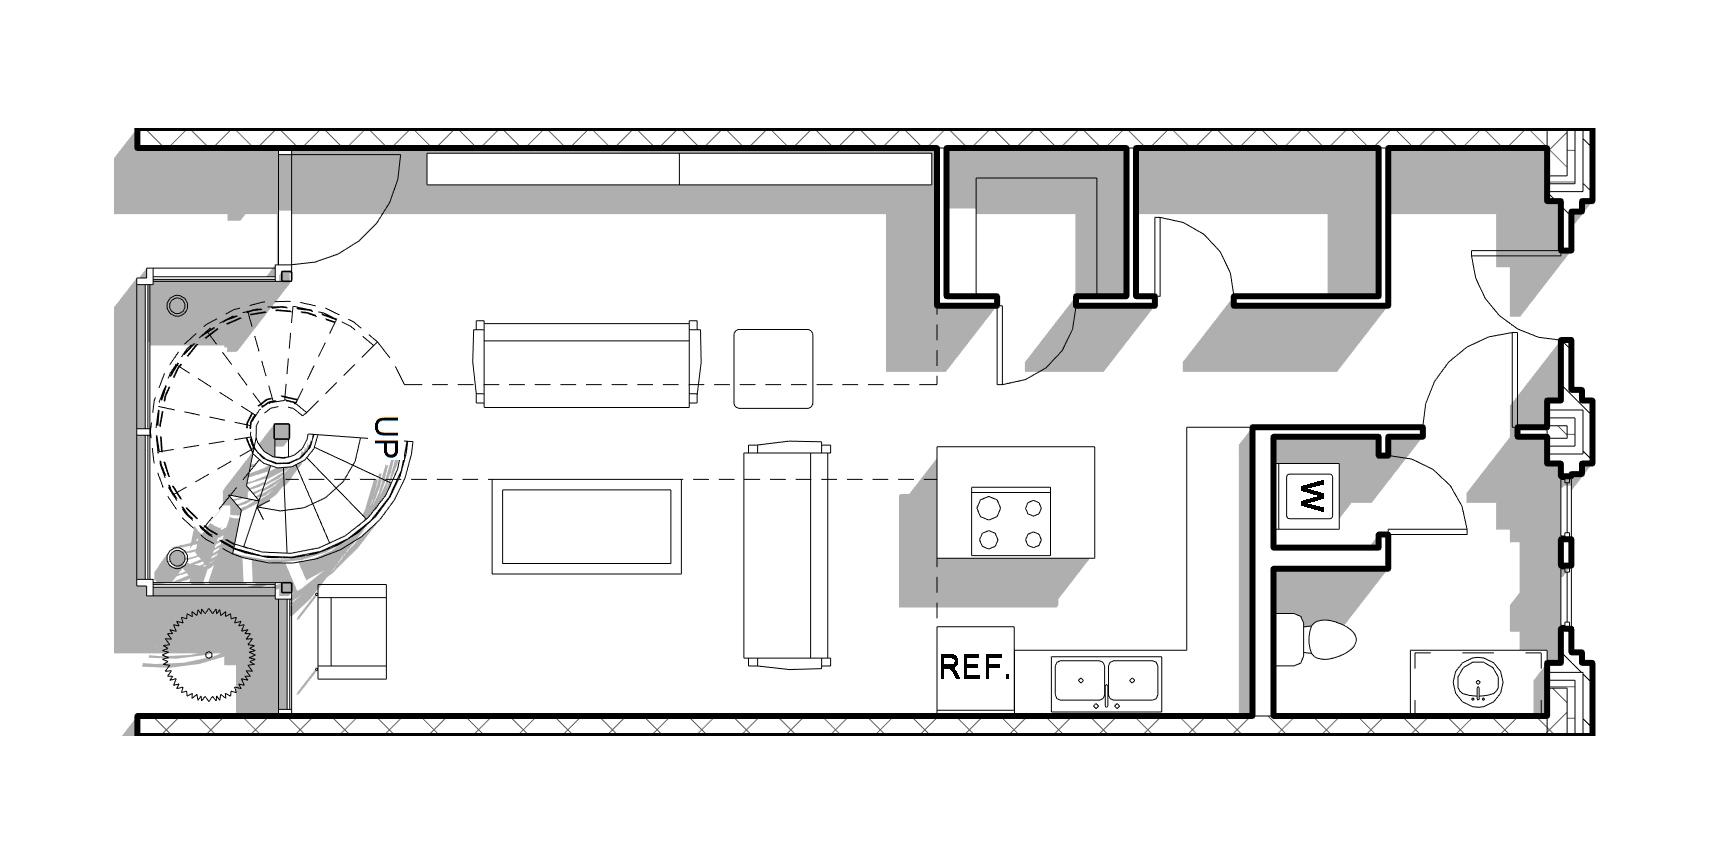 LOFT 2 plan.jpg